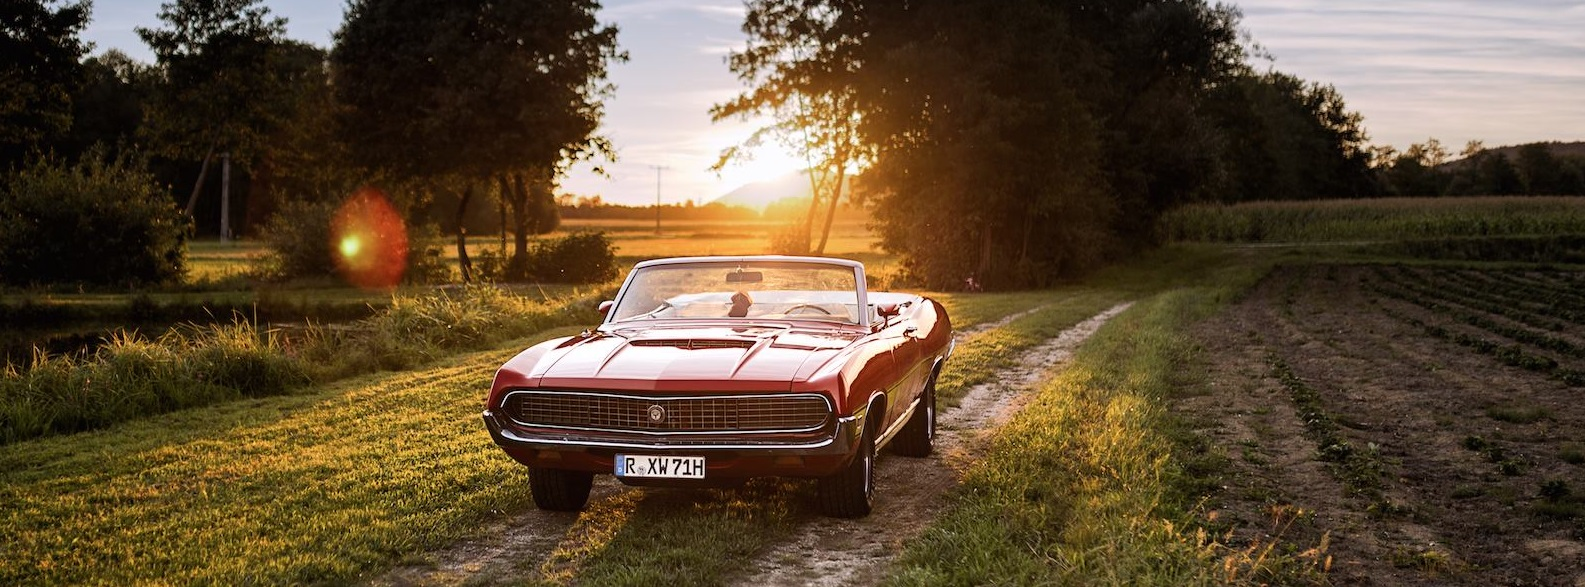 1971er Ford Torino Cabrio